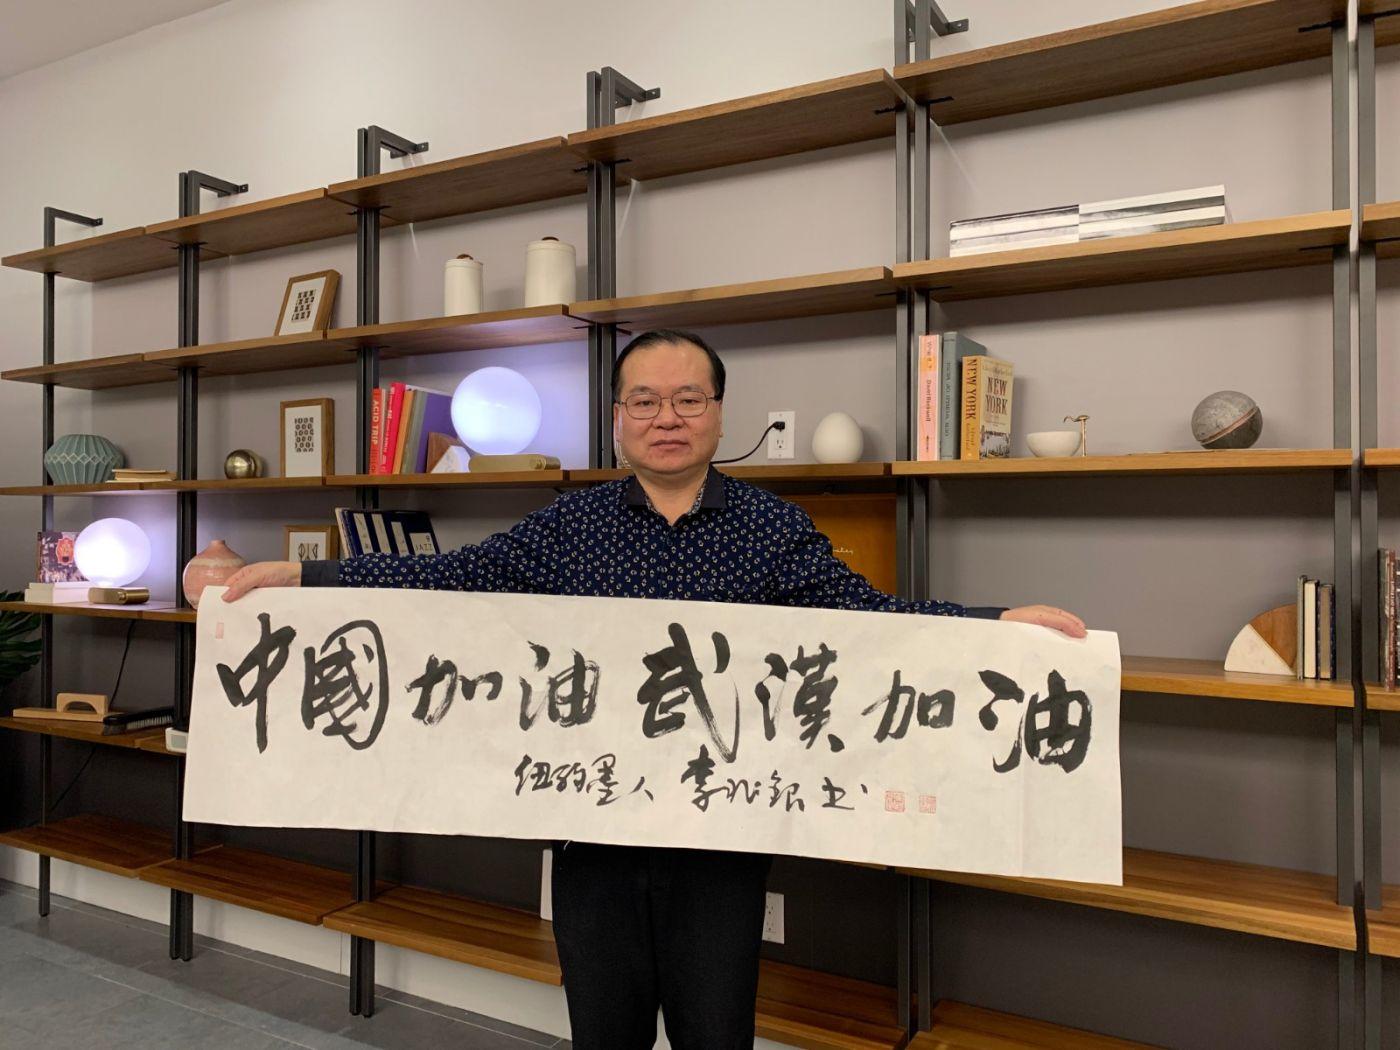 旅美書法家李兆银書寫「中國加油」接力_图1-3